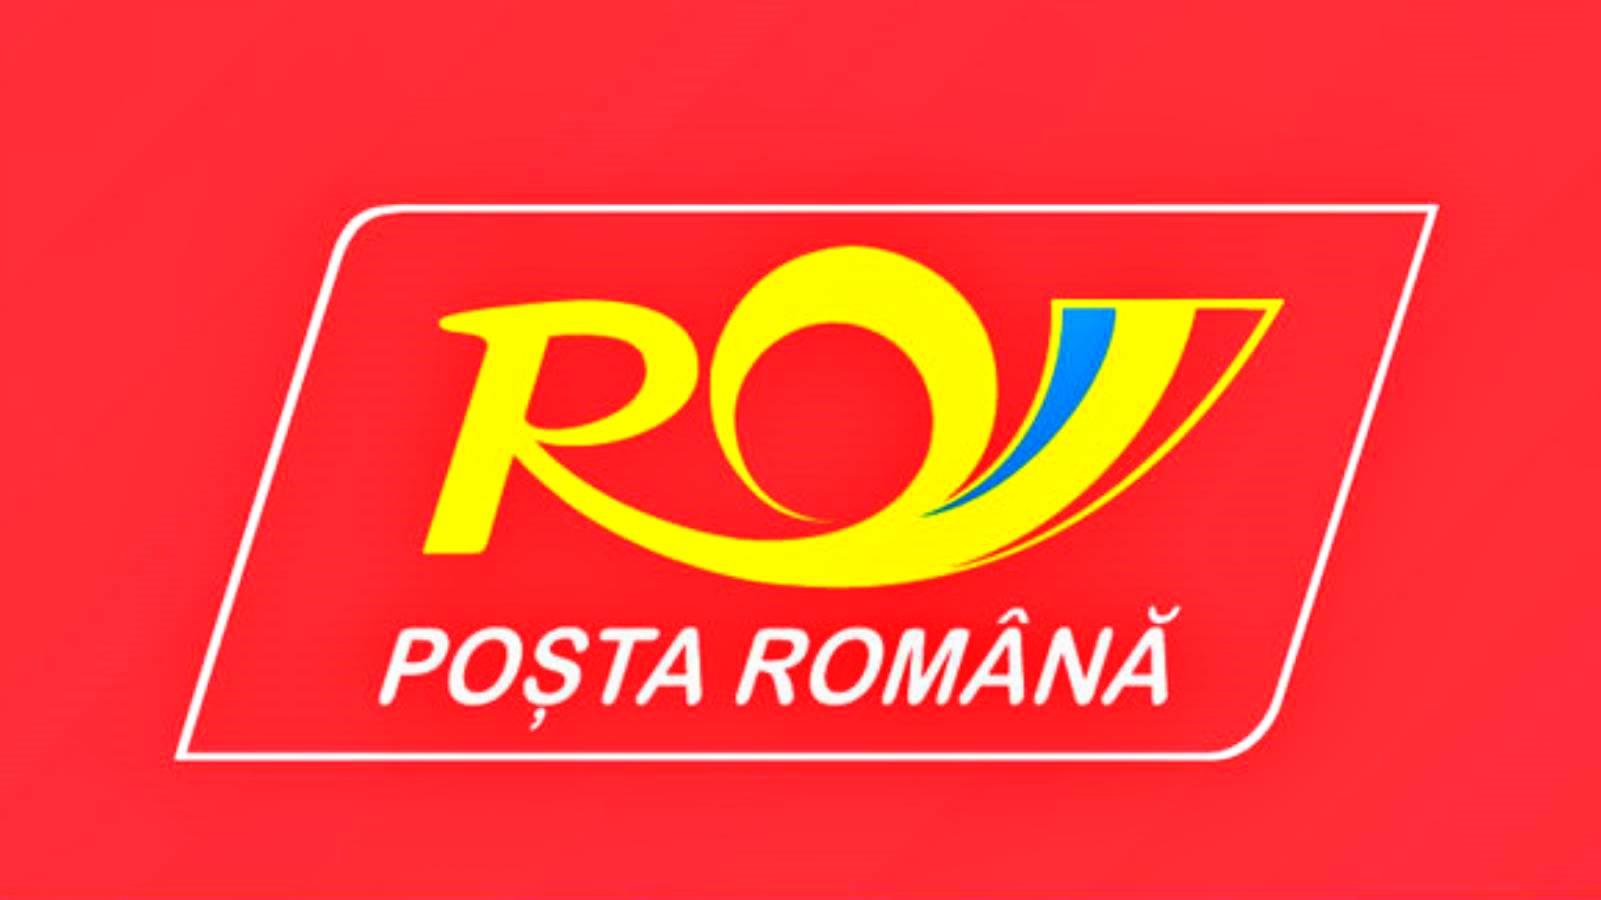 Posta Romana recomandare asigurare colete